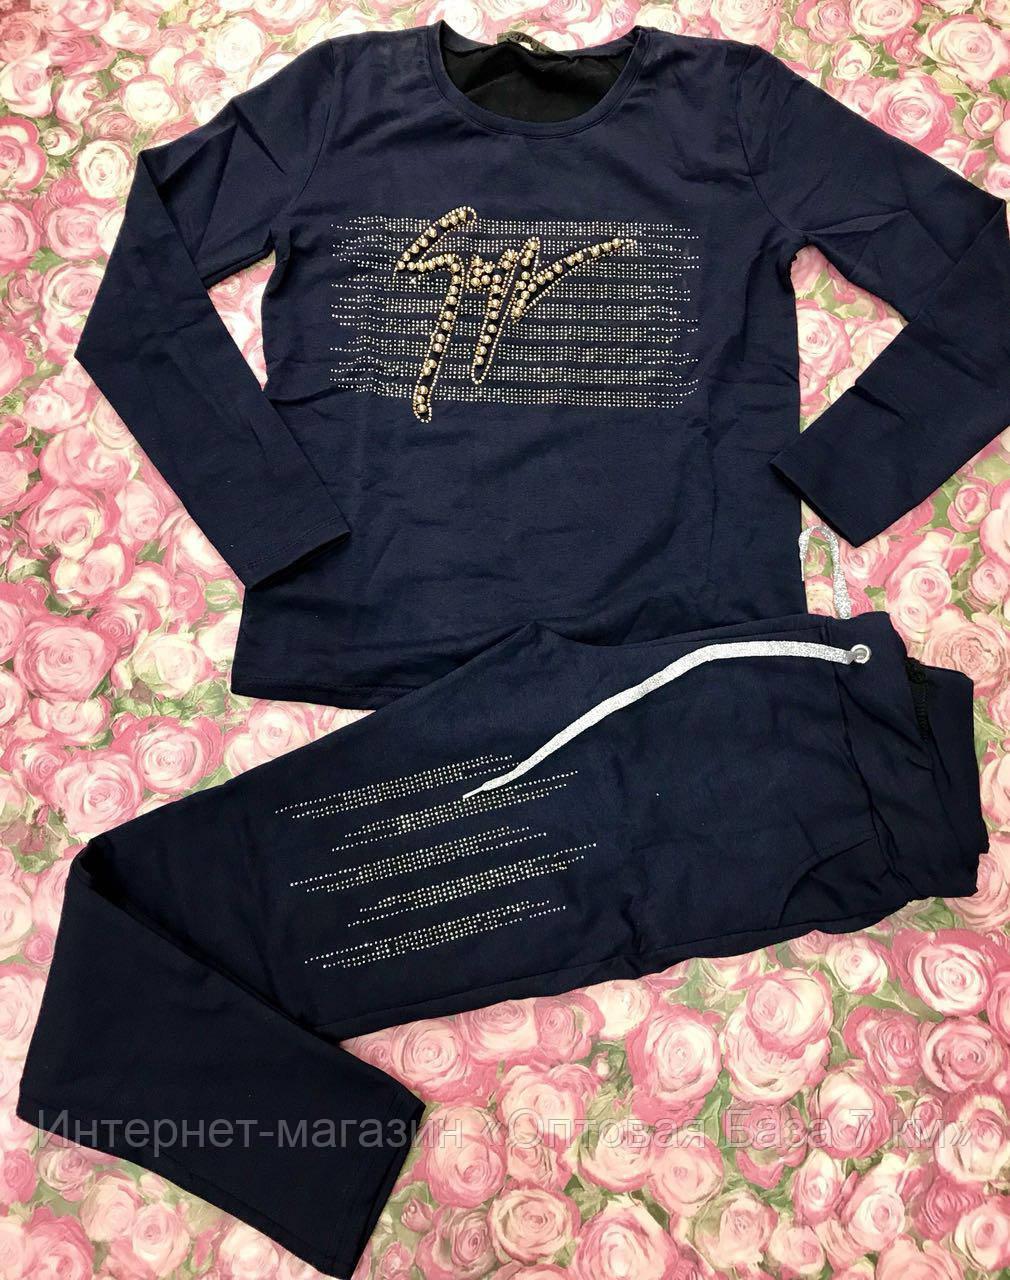 Спортивные костюмы женские оптом (р.р. S M L XL) купить со склада в ... cdcef14dc7c93